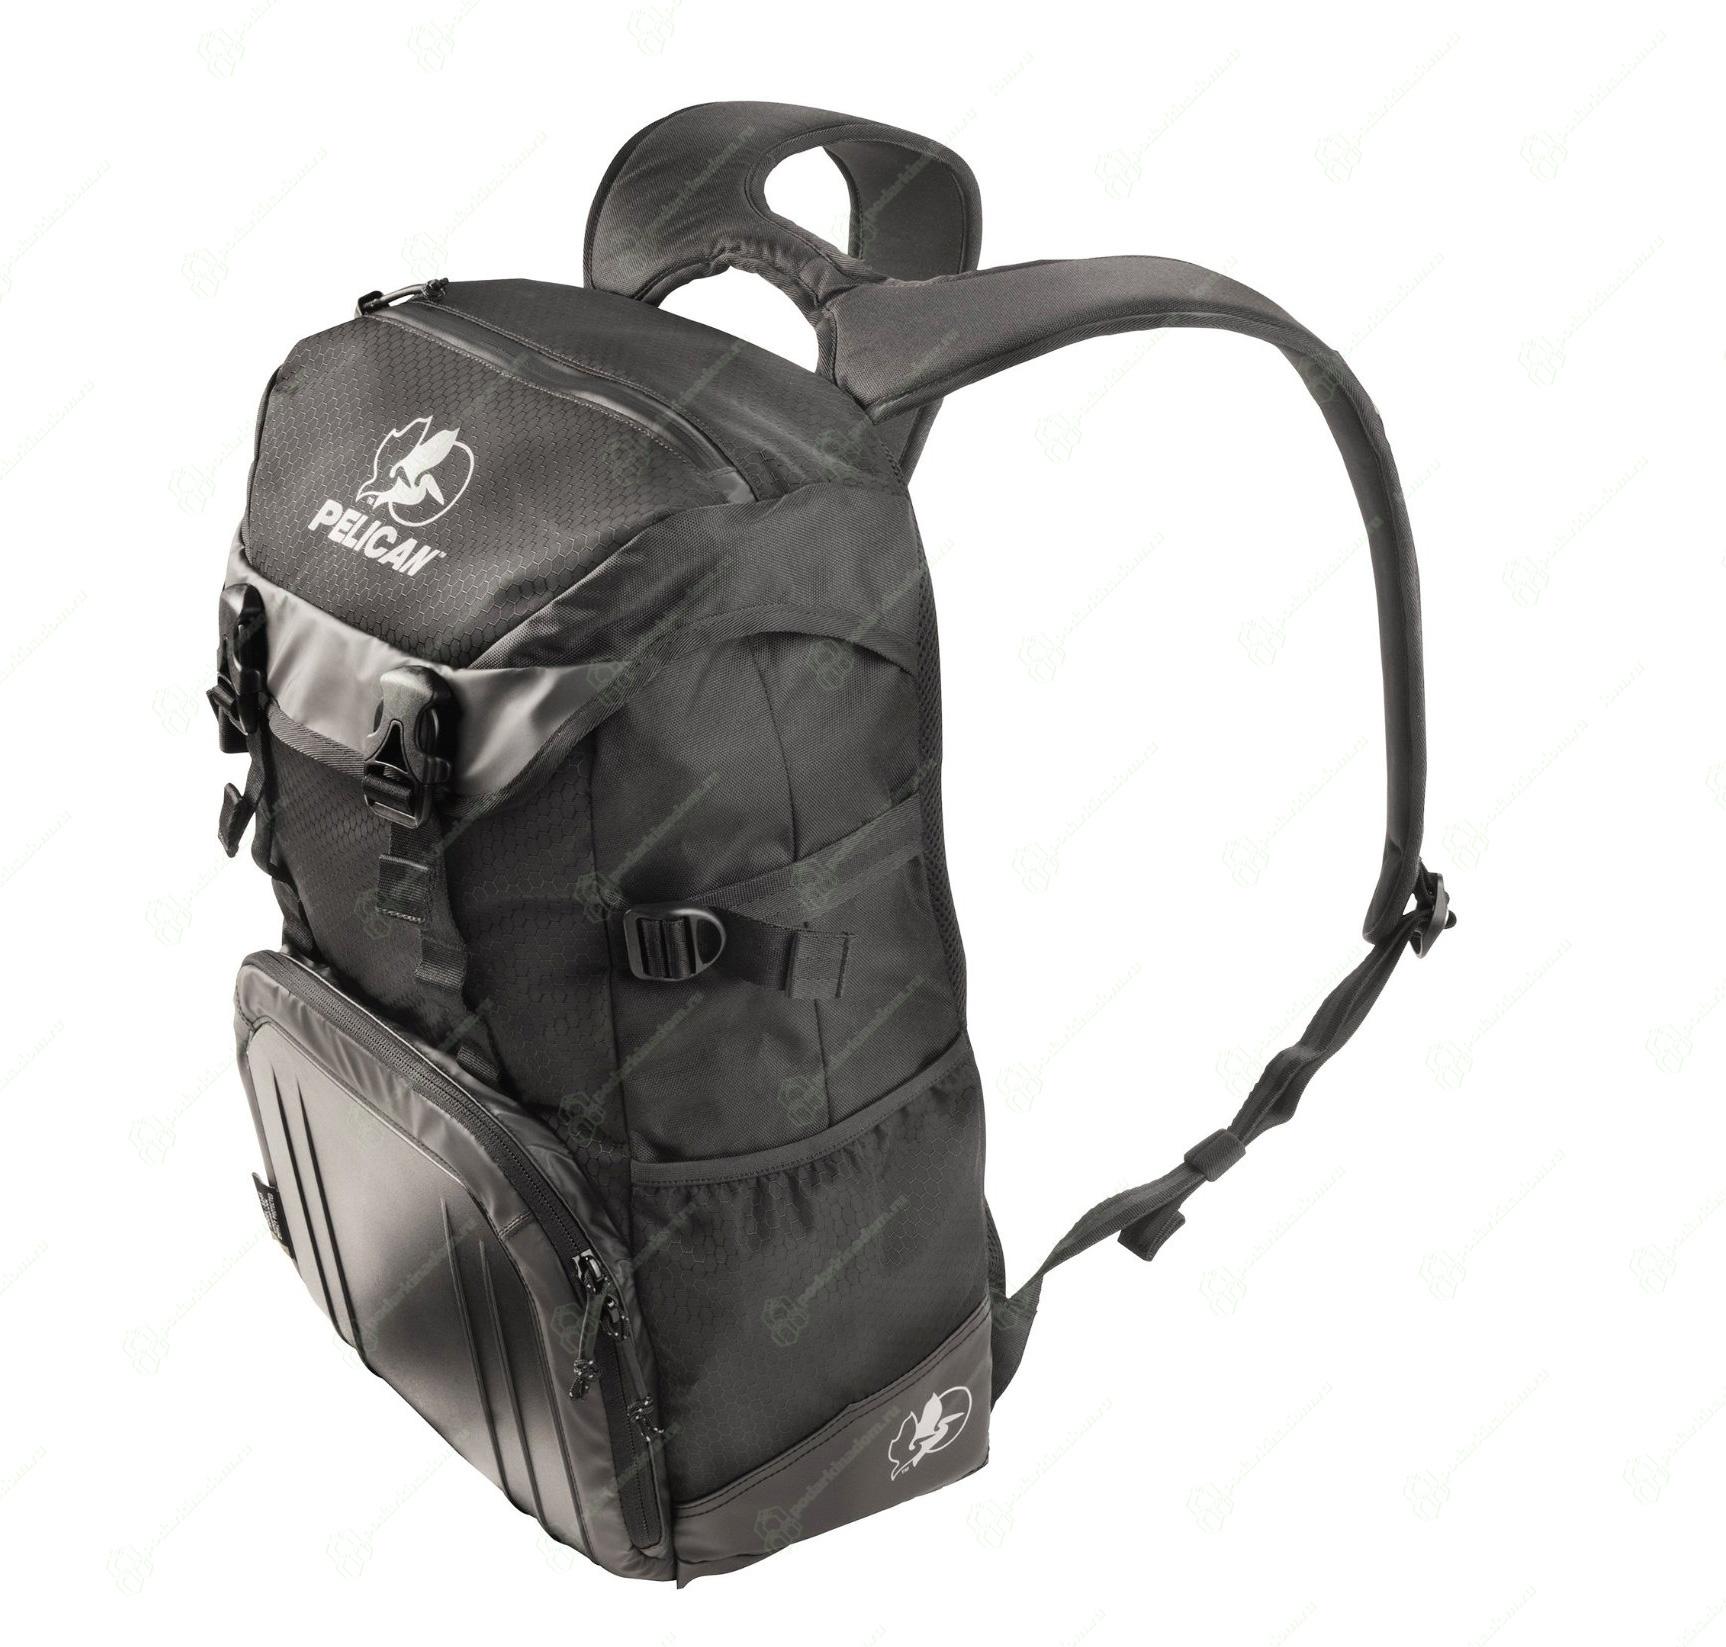 Рюкзаки Pelican с защитным отделением для ноутбука Pelican PodarkiNaDom.RU 5600.000